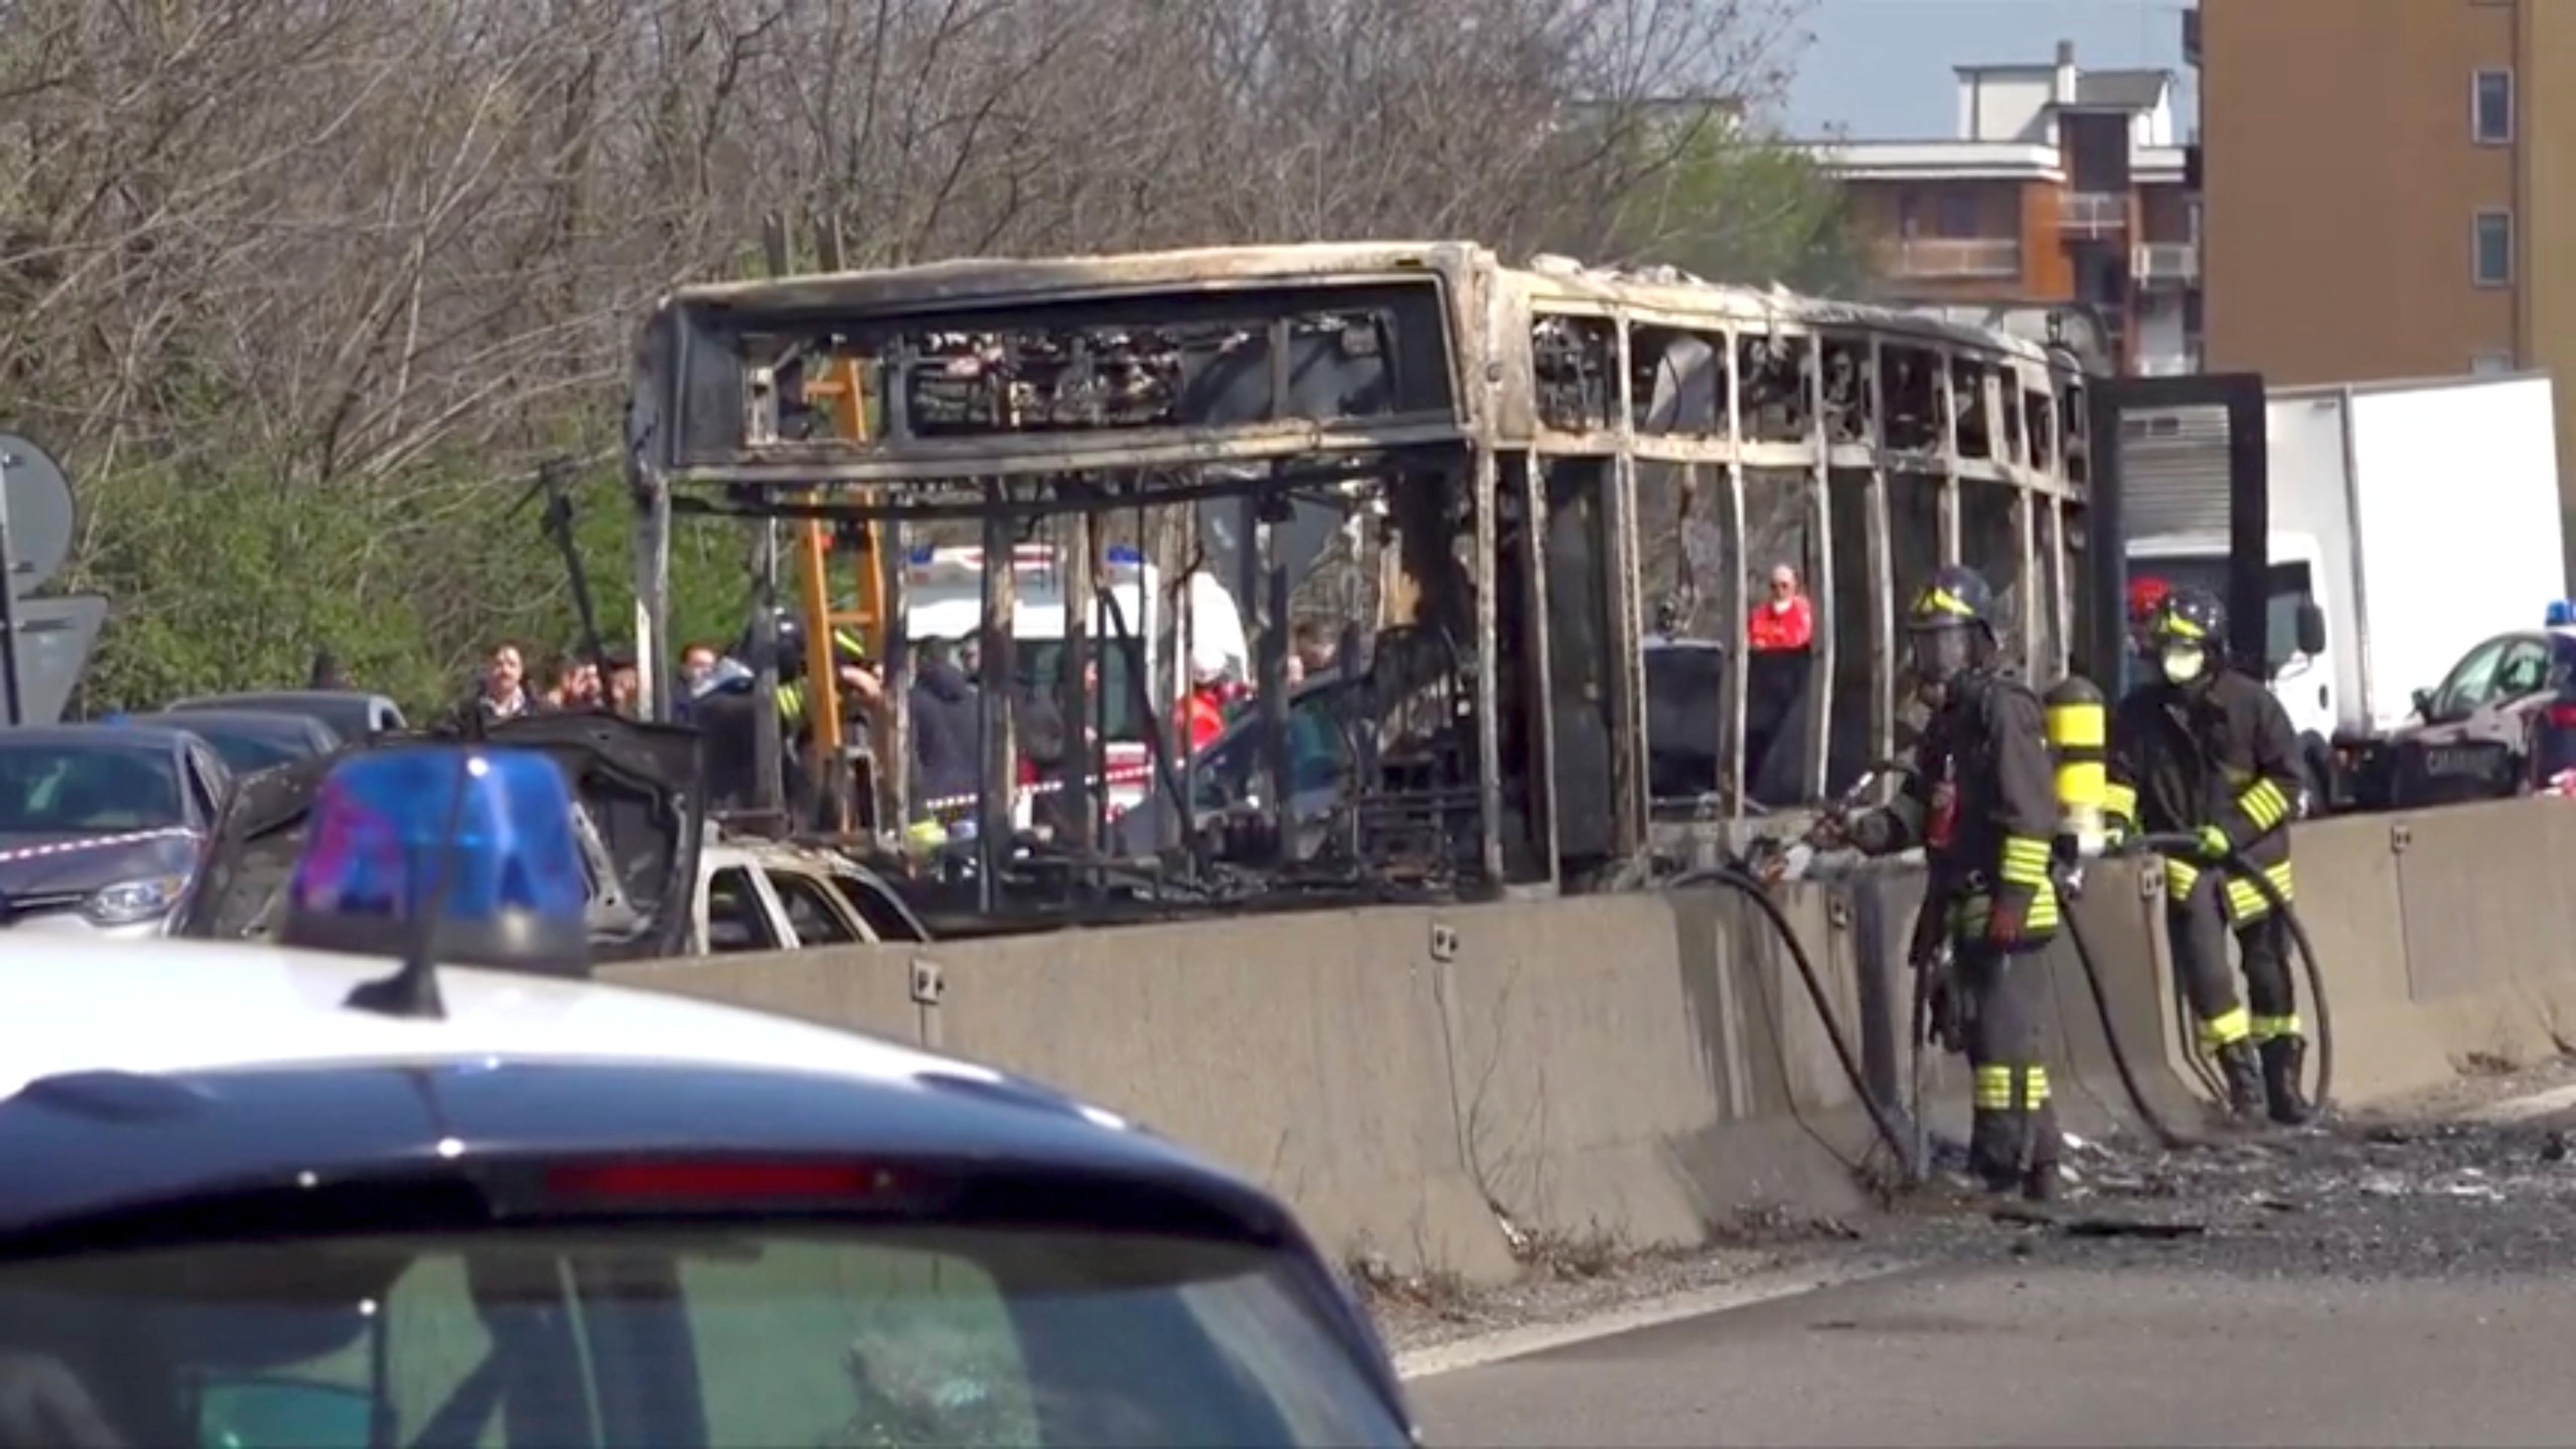 Herói de autocarro em Itália tem 13 anos e enganou o sequestrador